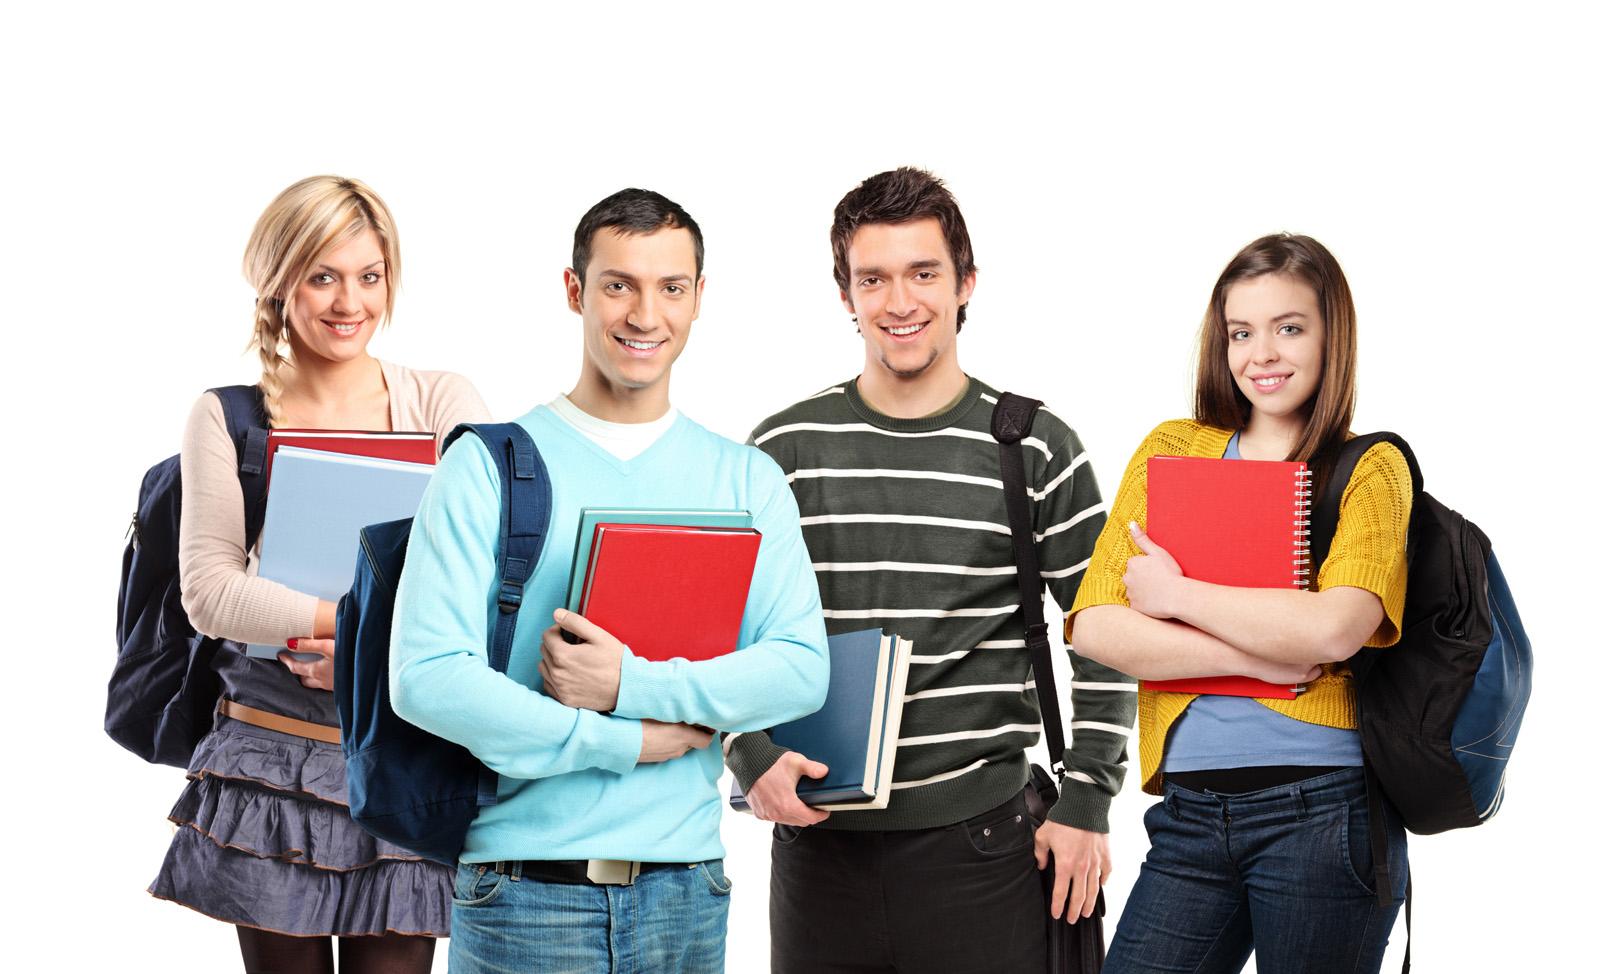 تحصیل در دانشگاه معمار سینان ترکیه